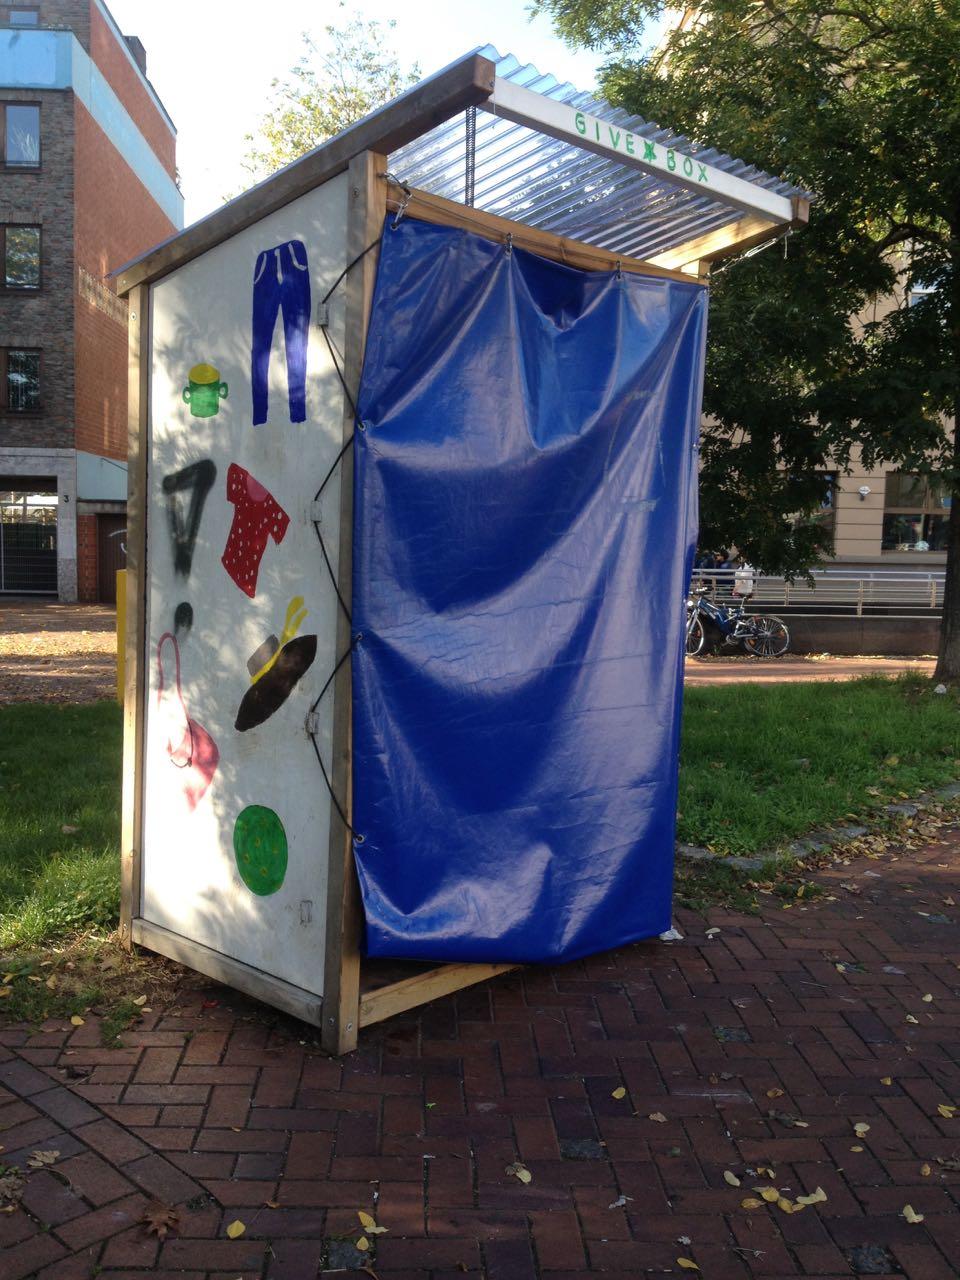 Leider scheint die nächste Givebox in Düsseldorf angezündet worden zu sein…